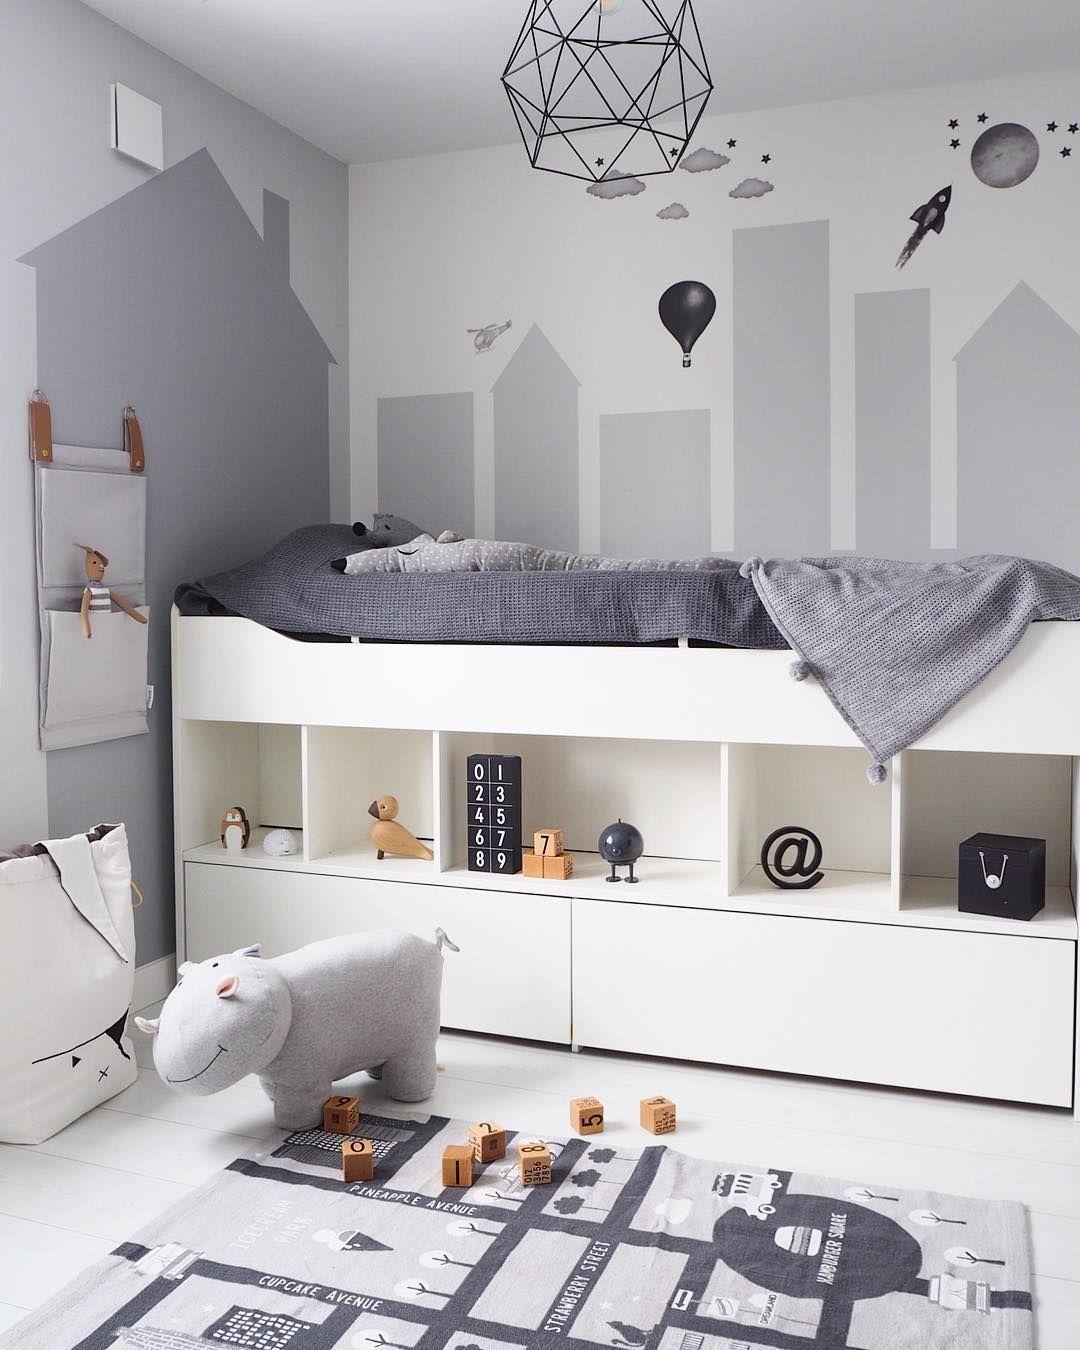 Kinderzimmer einrichten: So wird jeder Junge glücklich! - My Blog #teenroomdecor